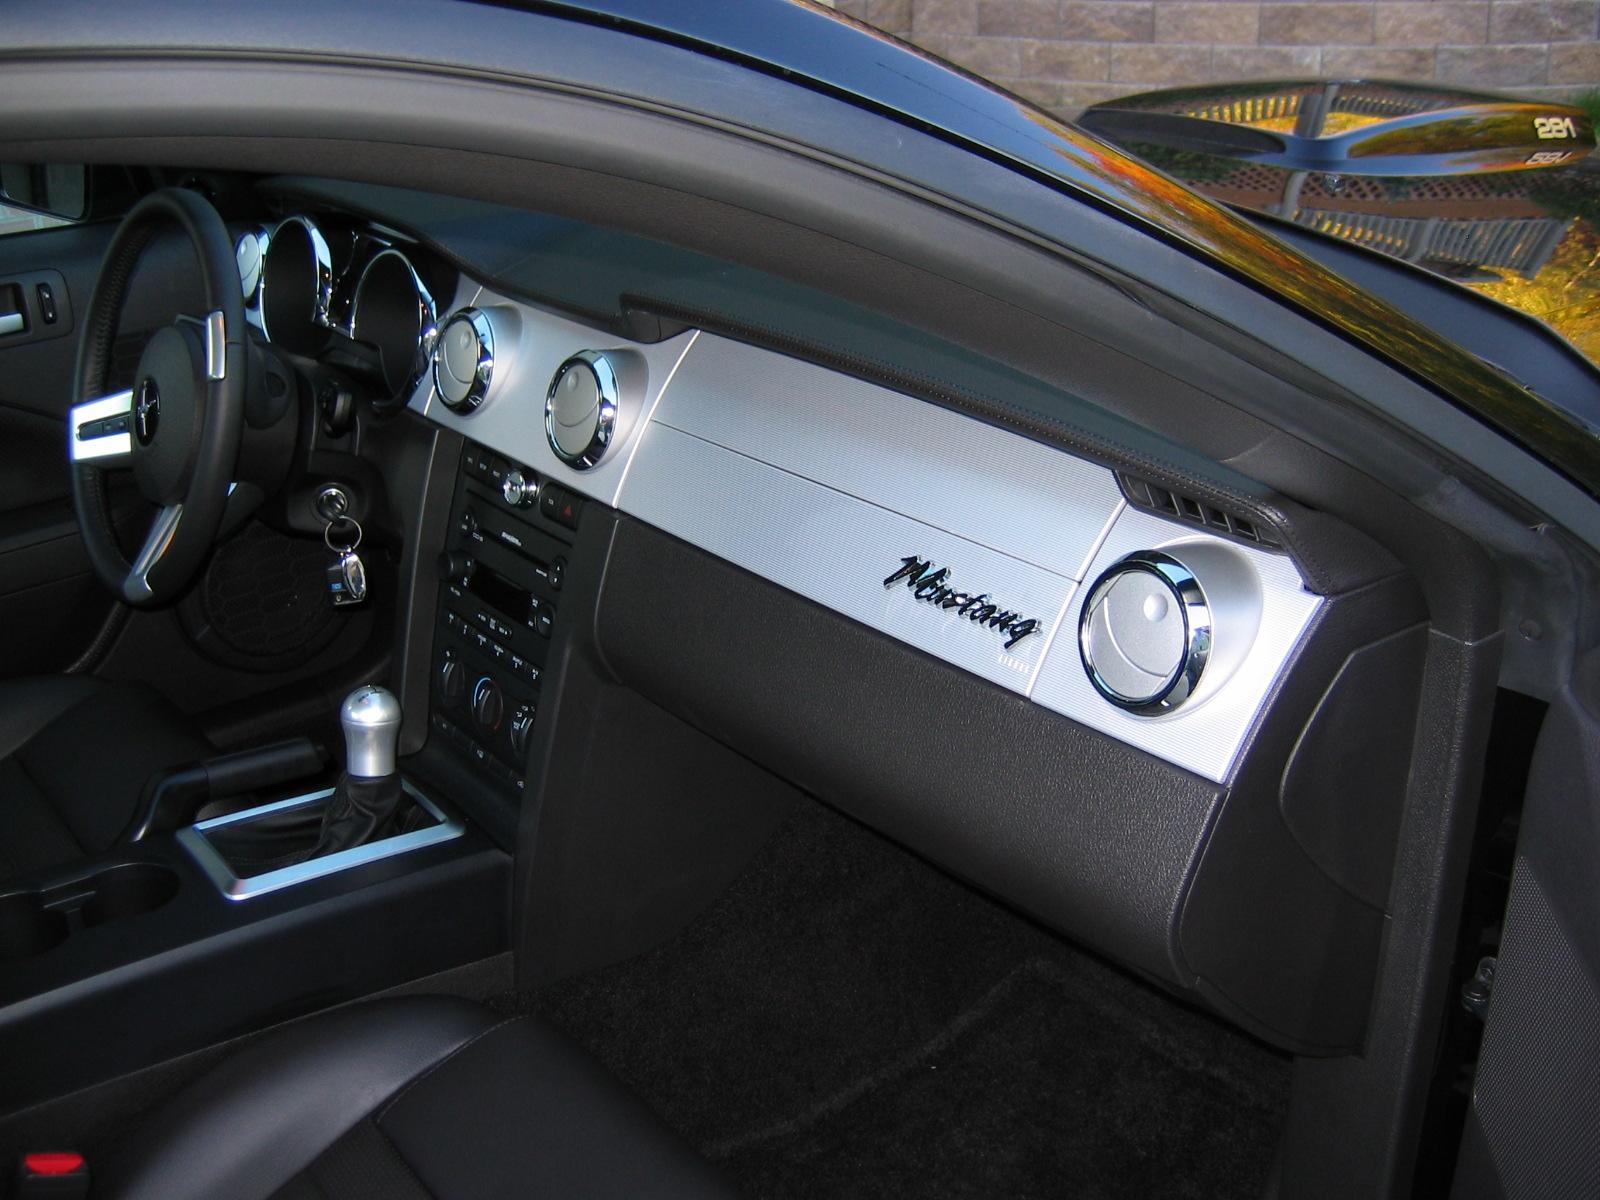 I Found This 65 66 Era Emblem Retro Dash The Mustang